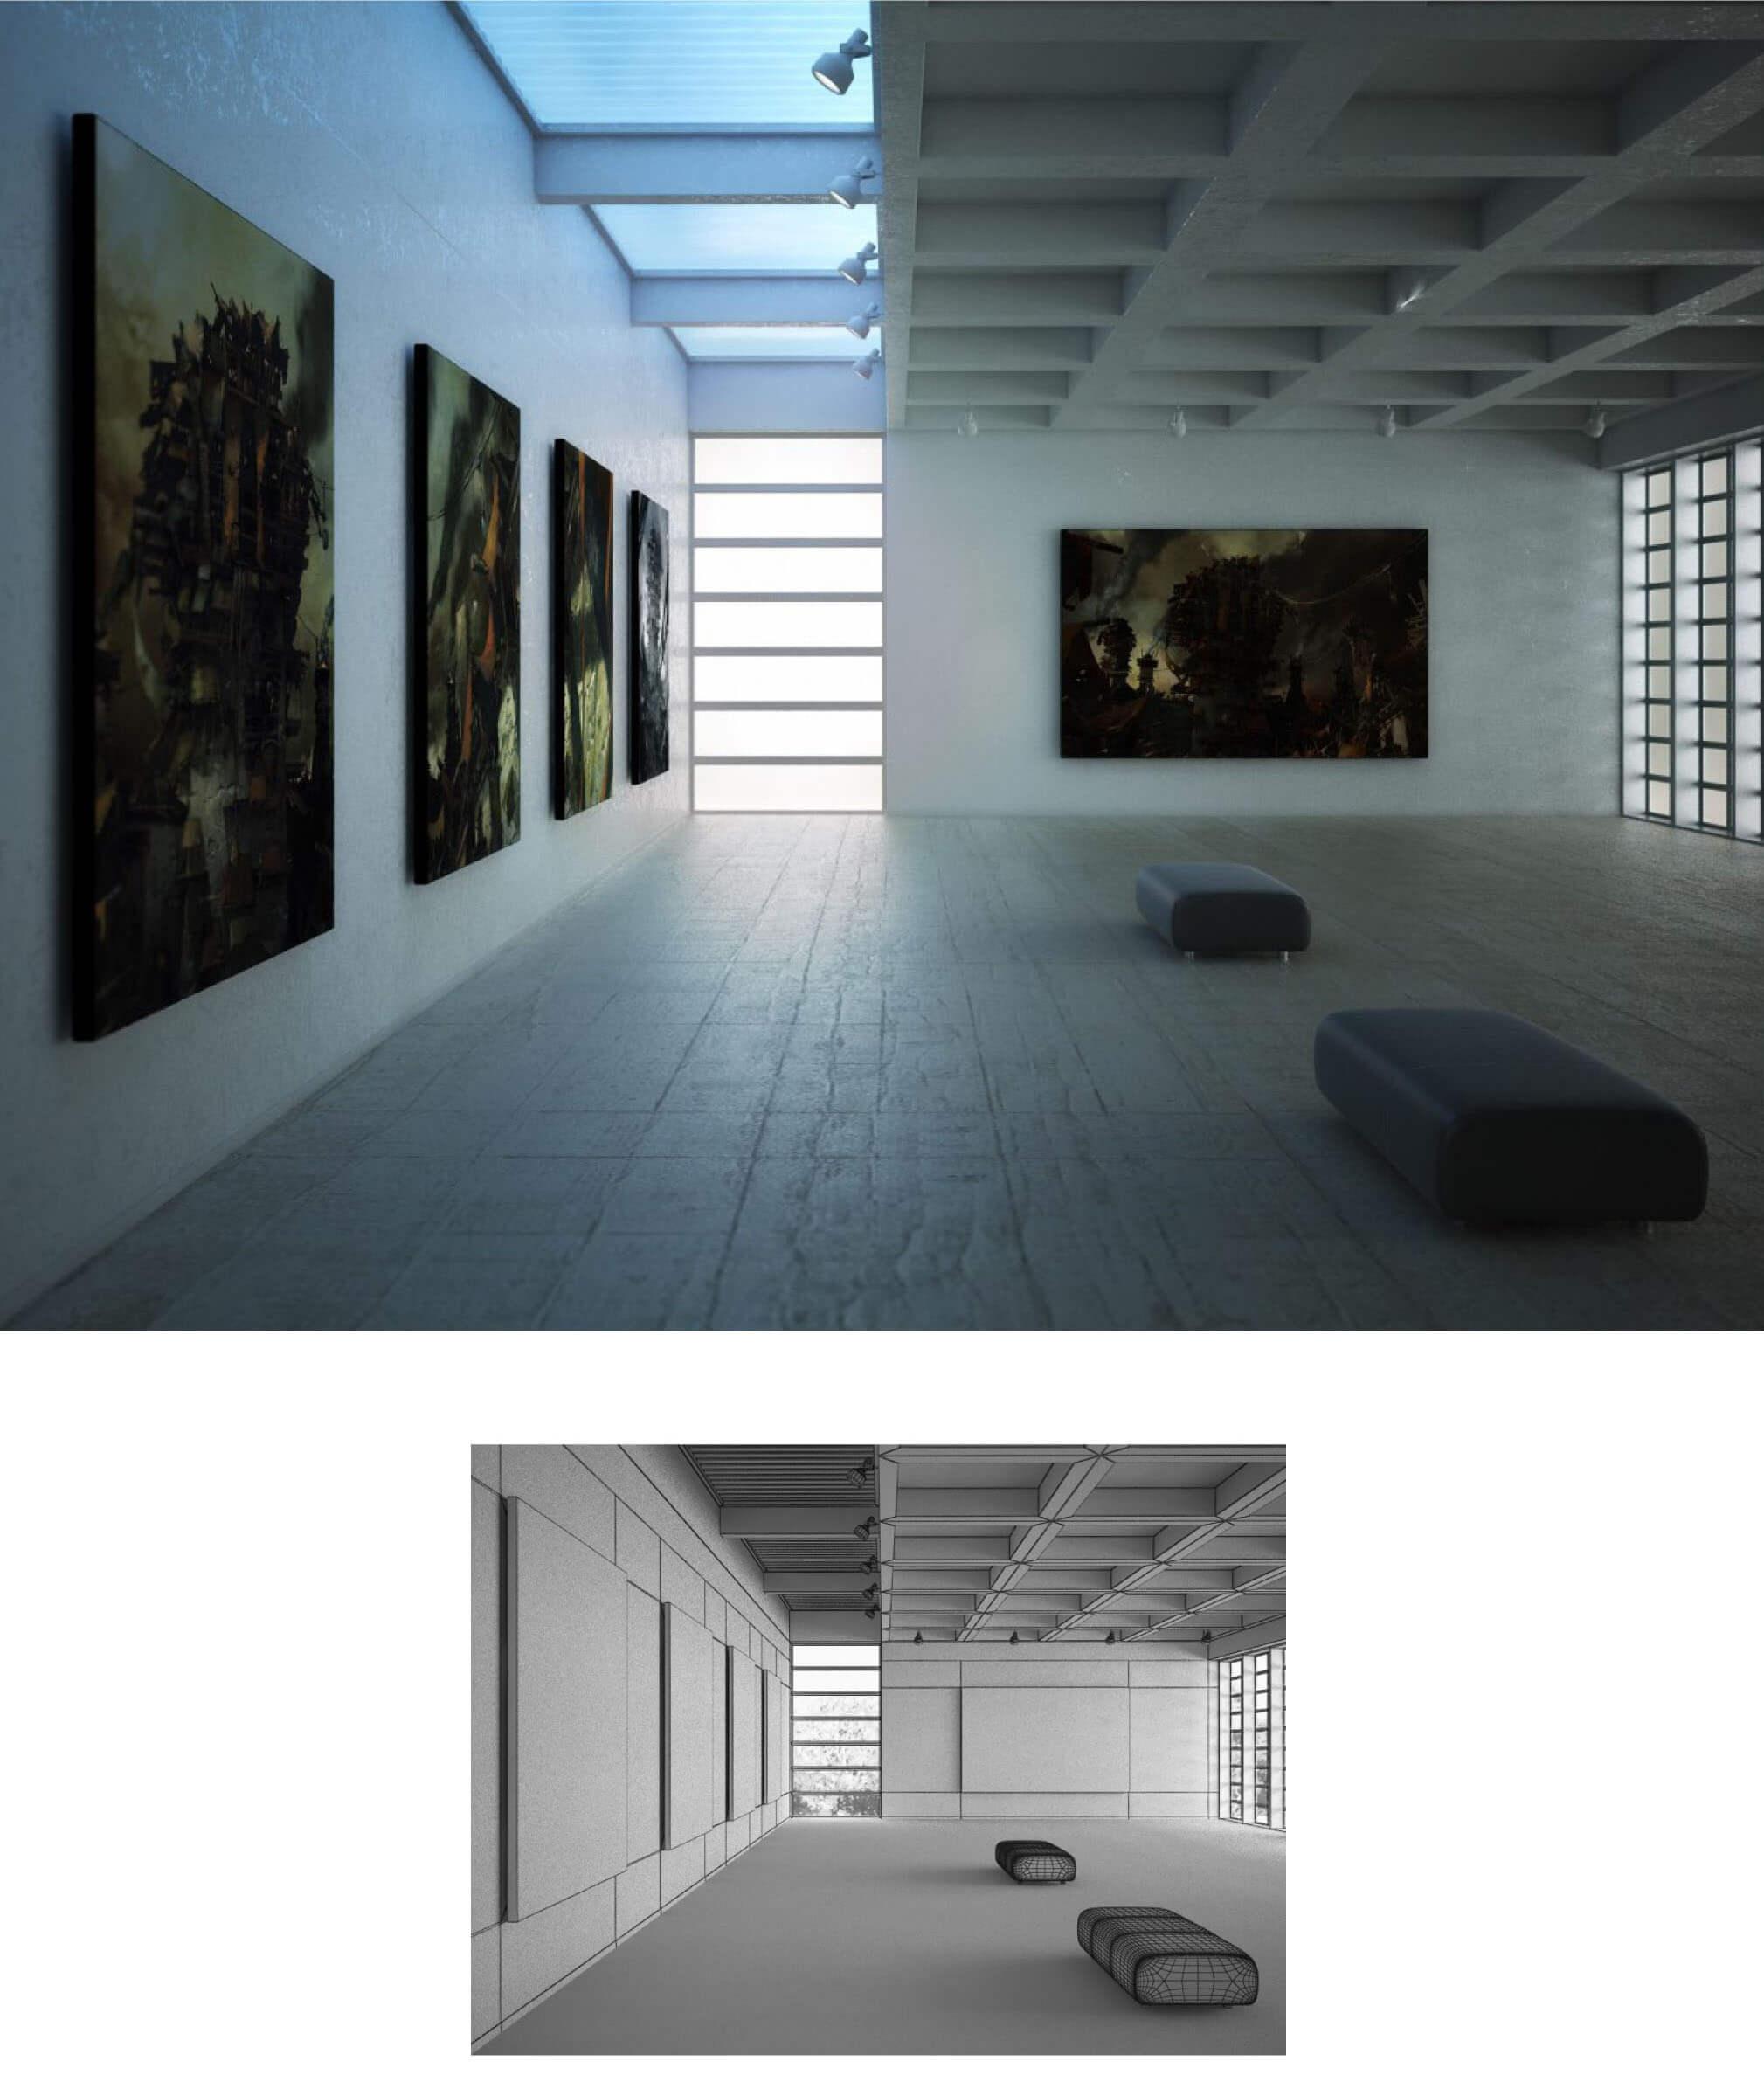 Showroom phòng tranh với thiết kế sử dụng ánh sáng hắt rất mạnh